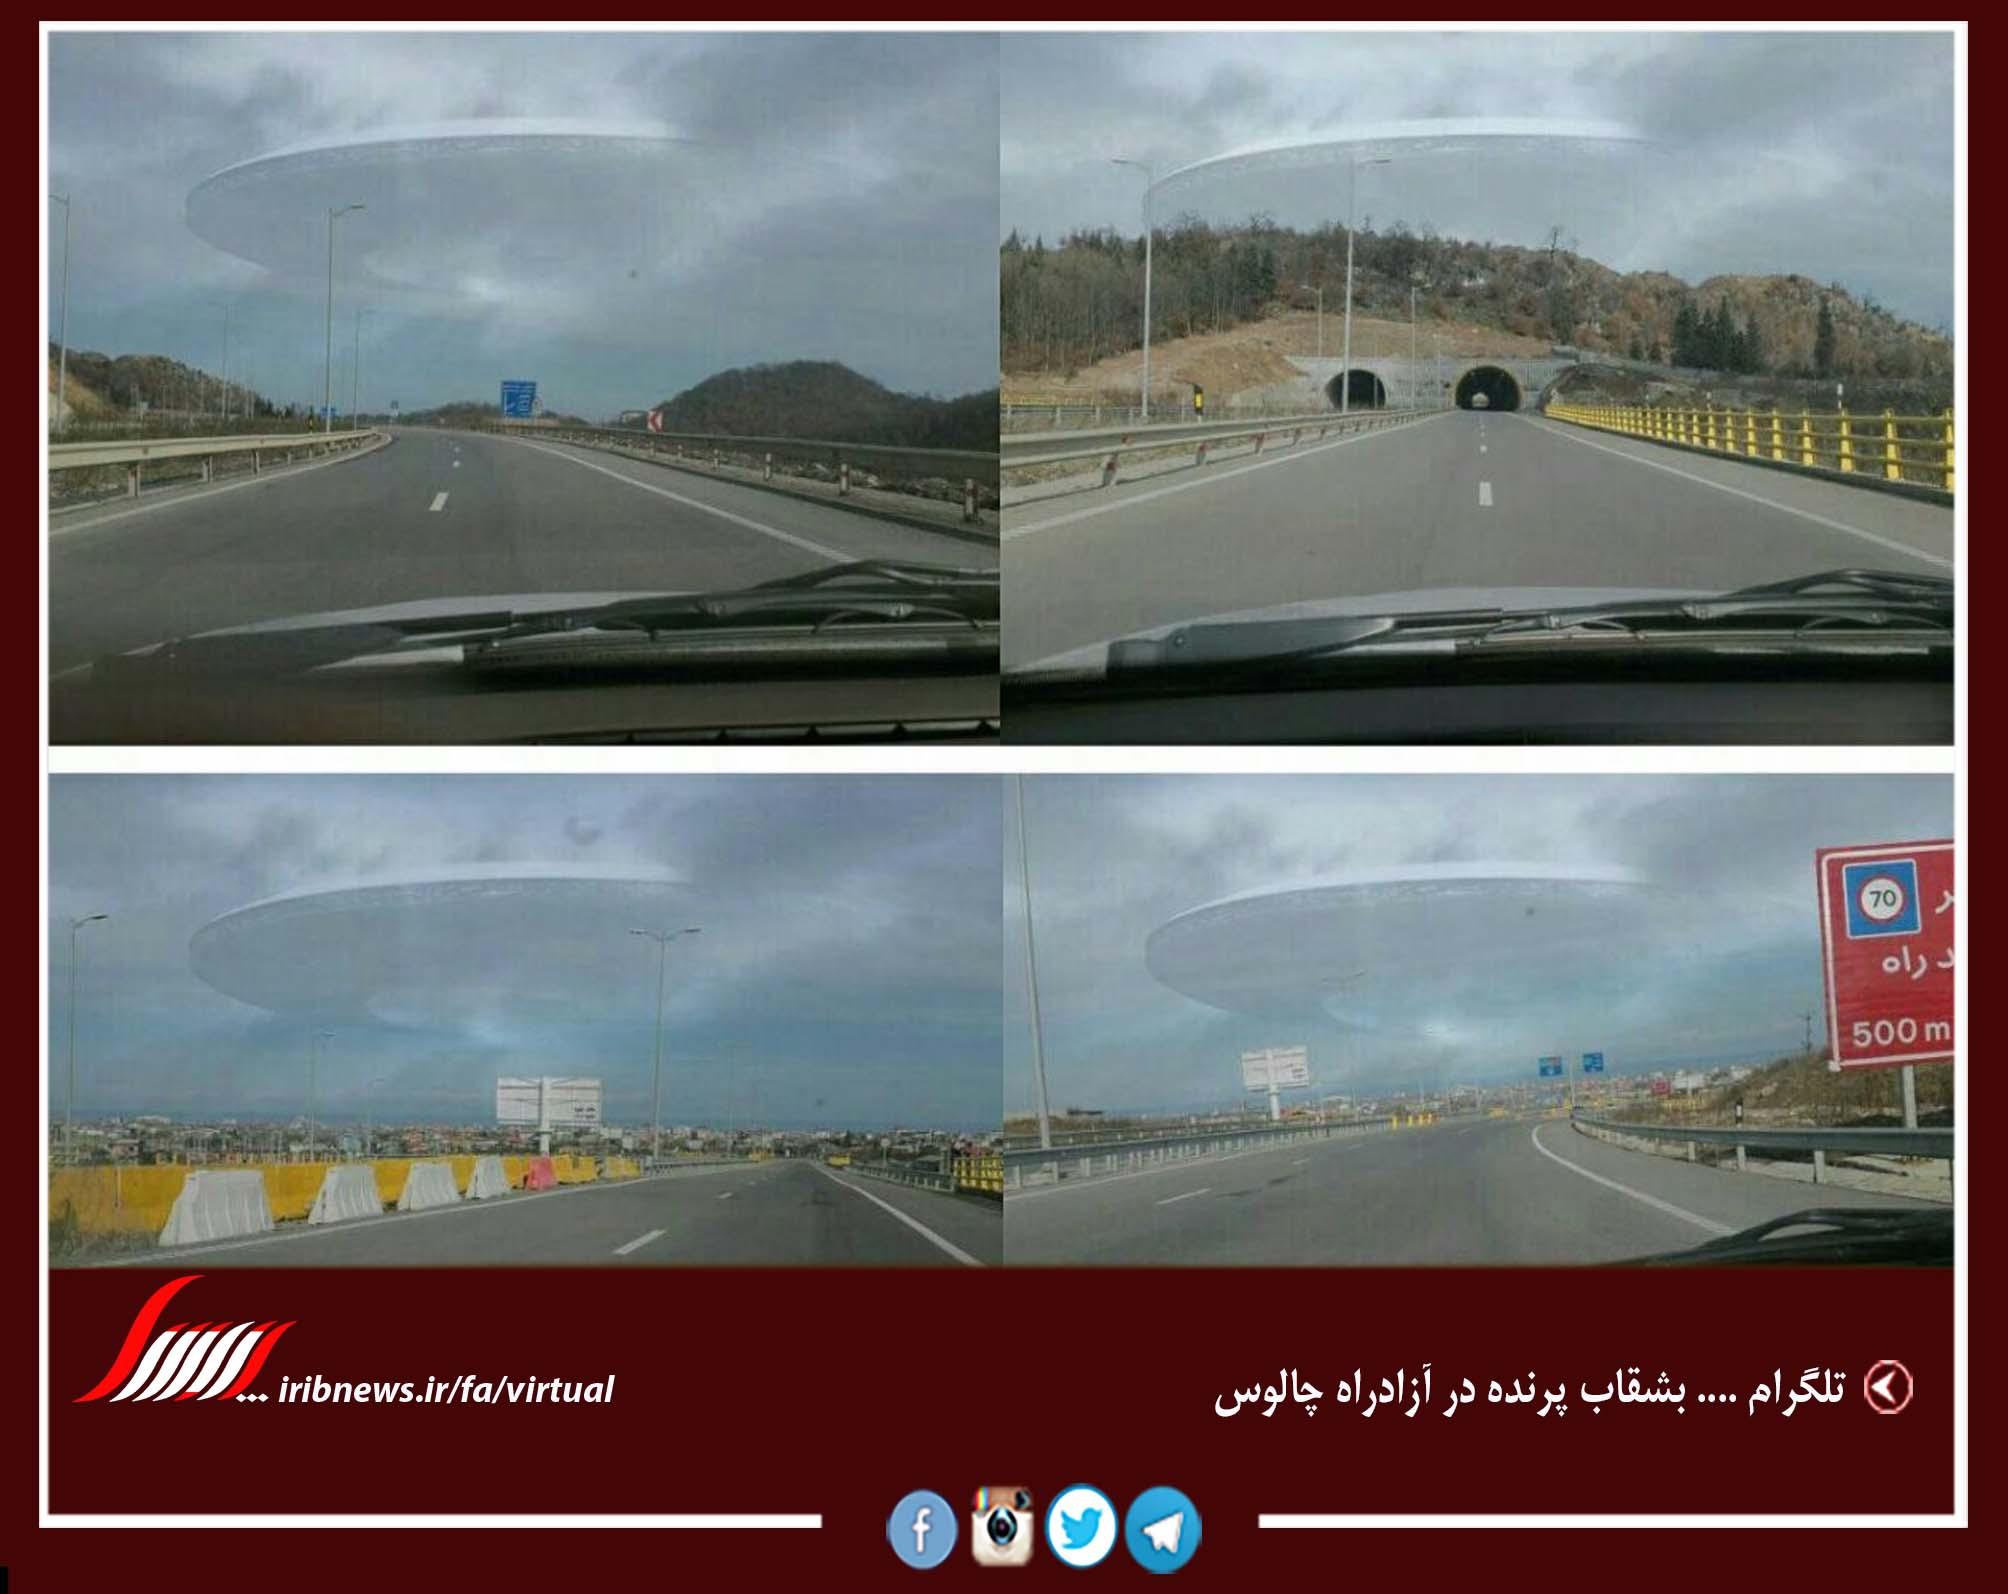 کمپین ایرانی «تحریم سفر به کشورهای حامی داعش»